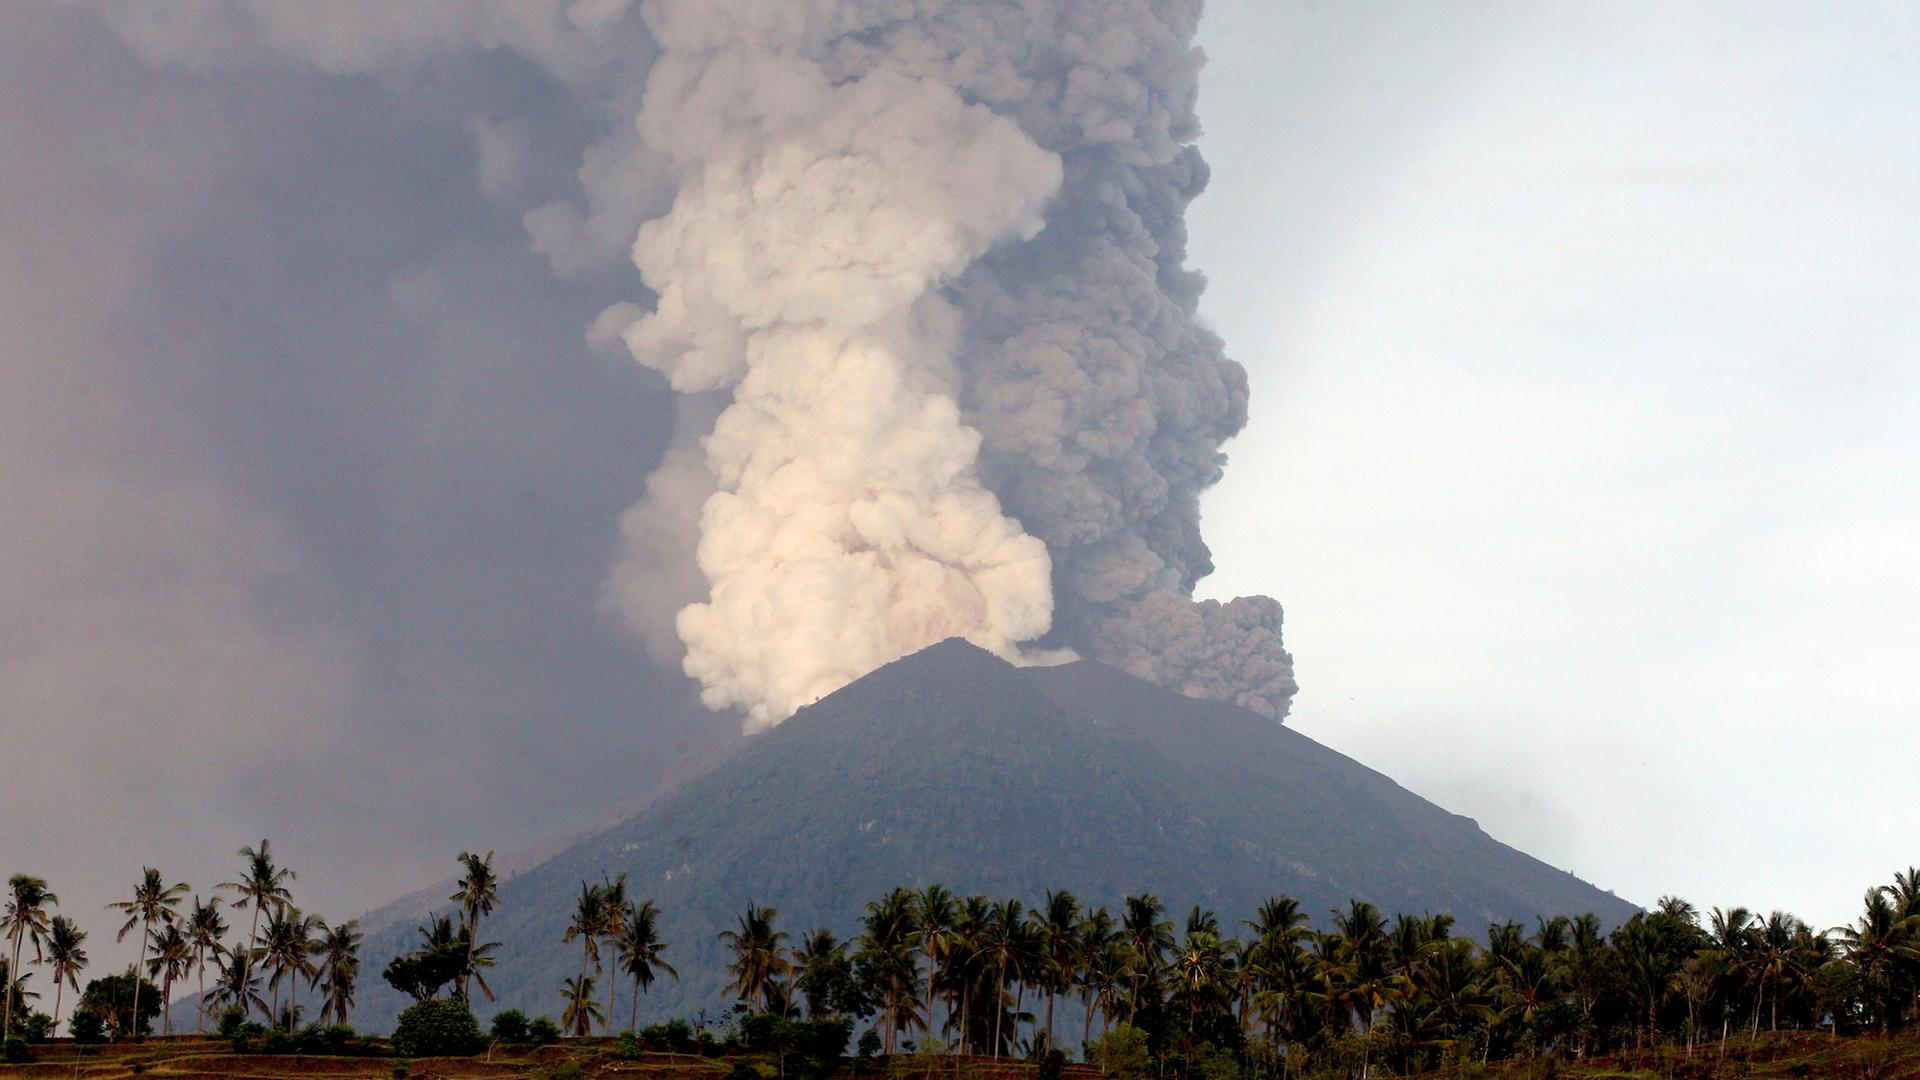 Schön Drohender Vulkanausbruch   Reisende Sitzen Auf Bali Fest